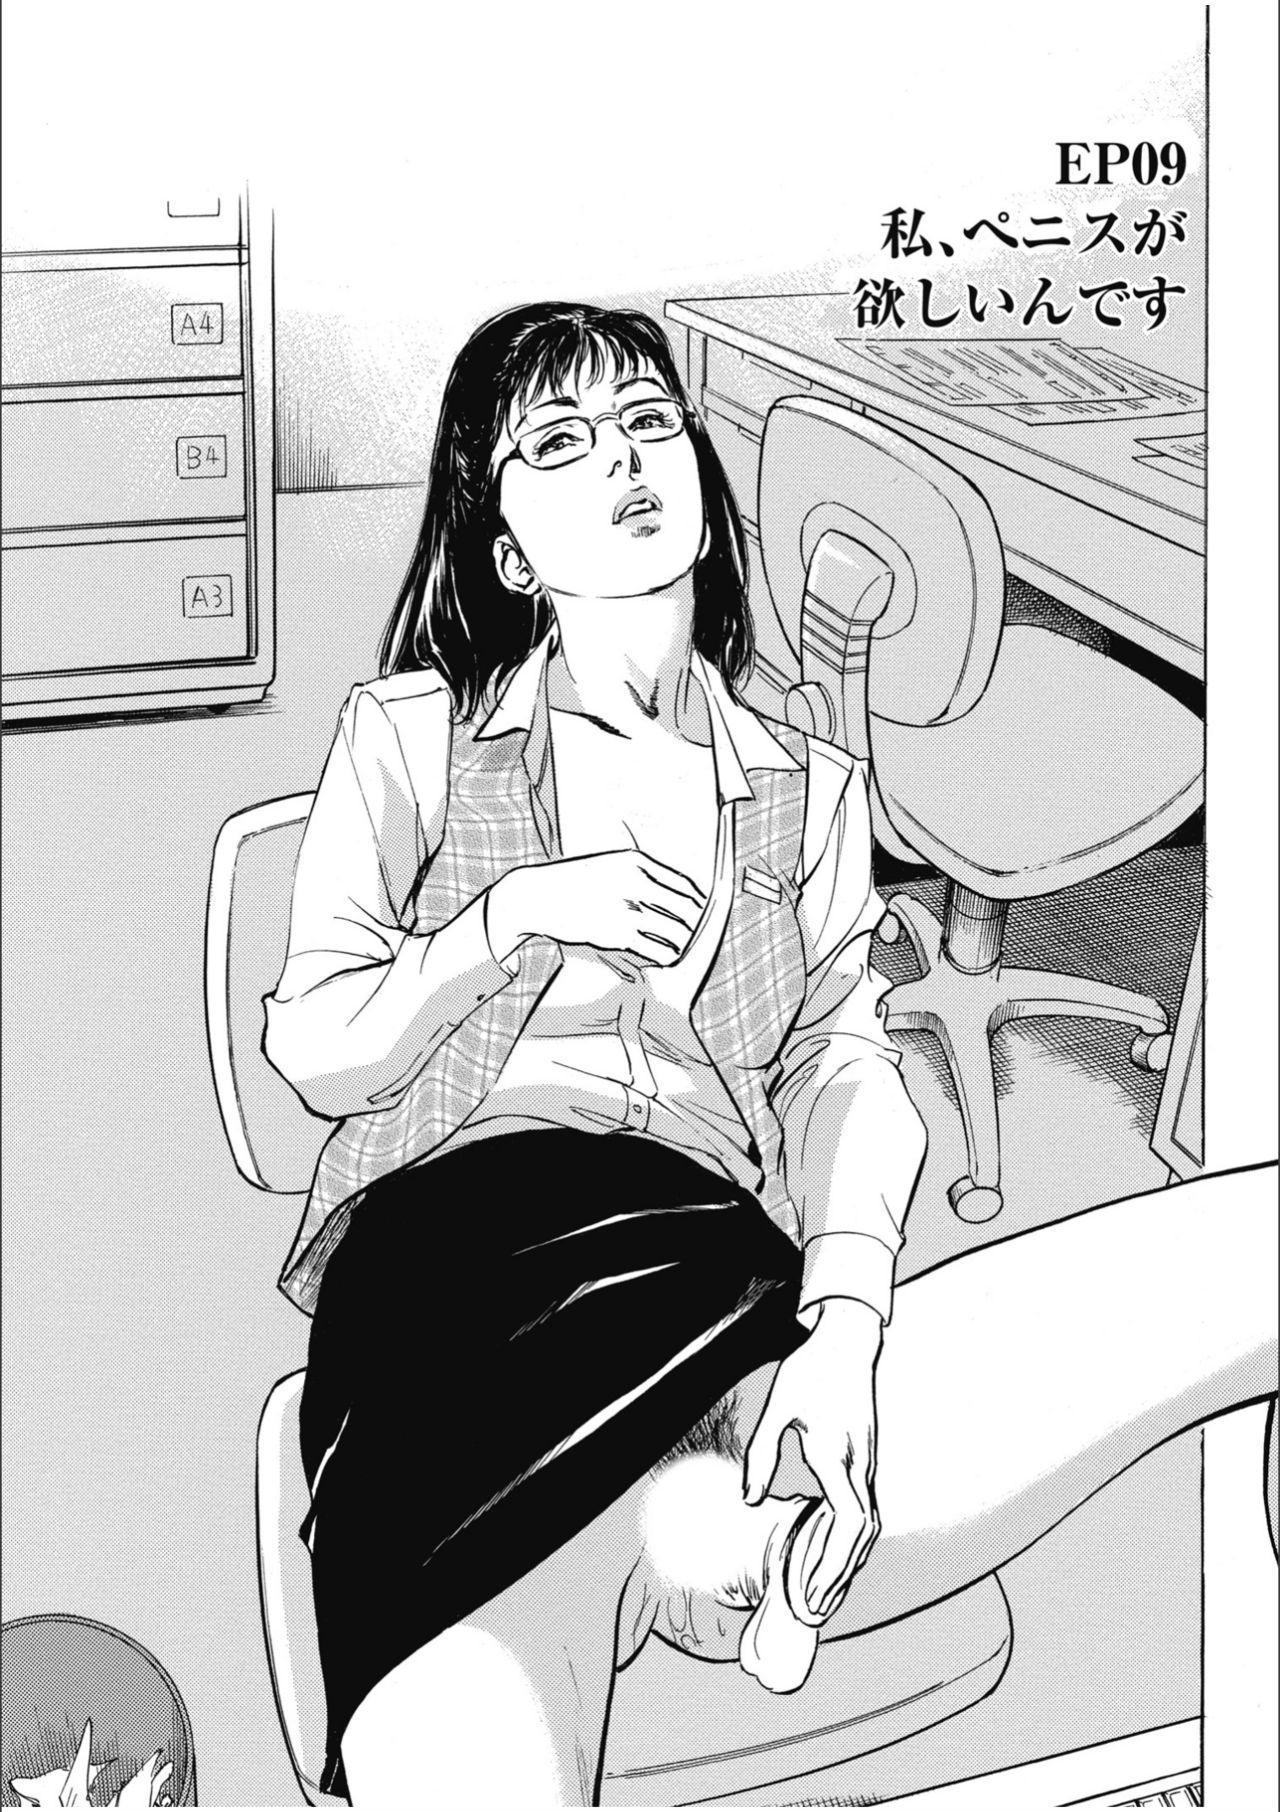 八月薫傑作マジセレ Hな体験教えます 女性投稿12連発 134